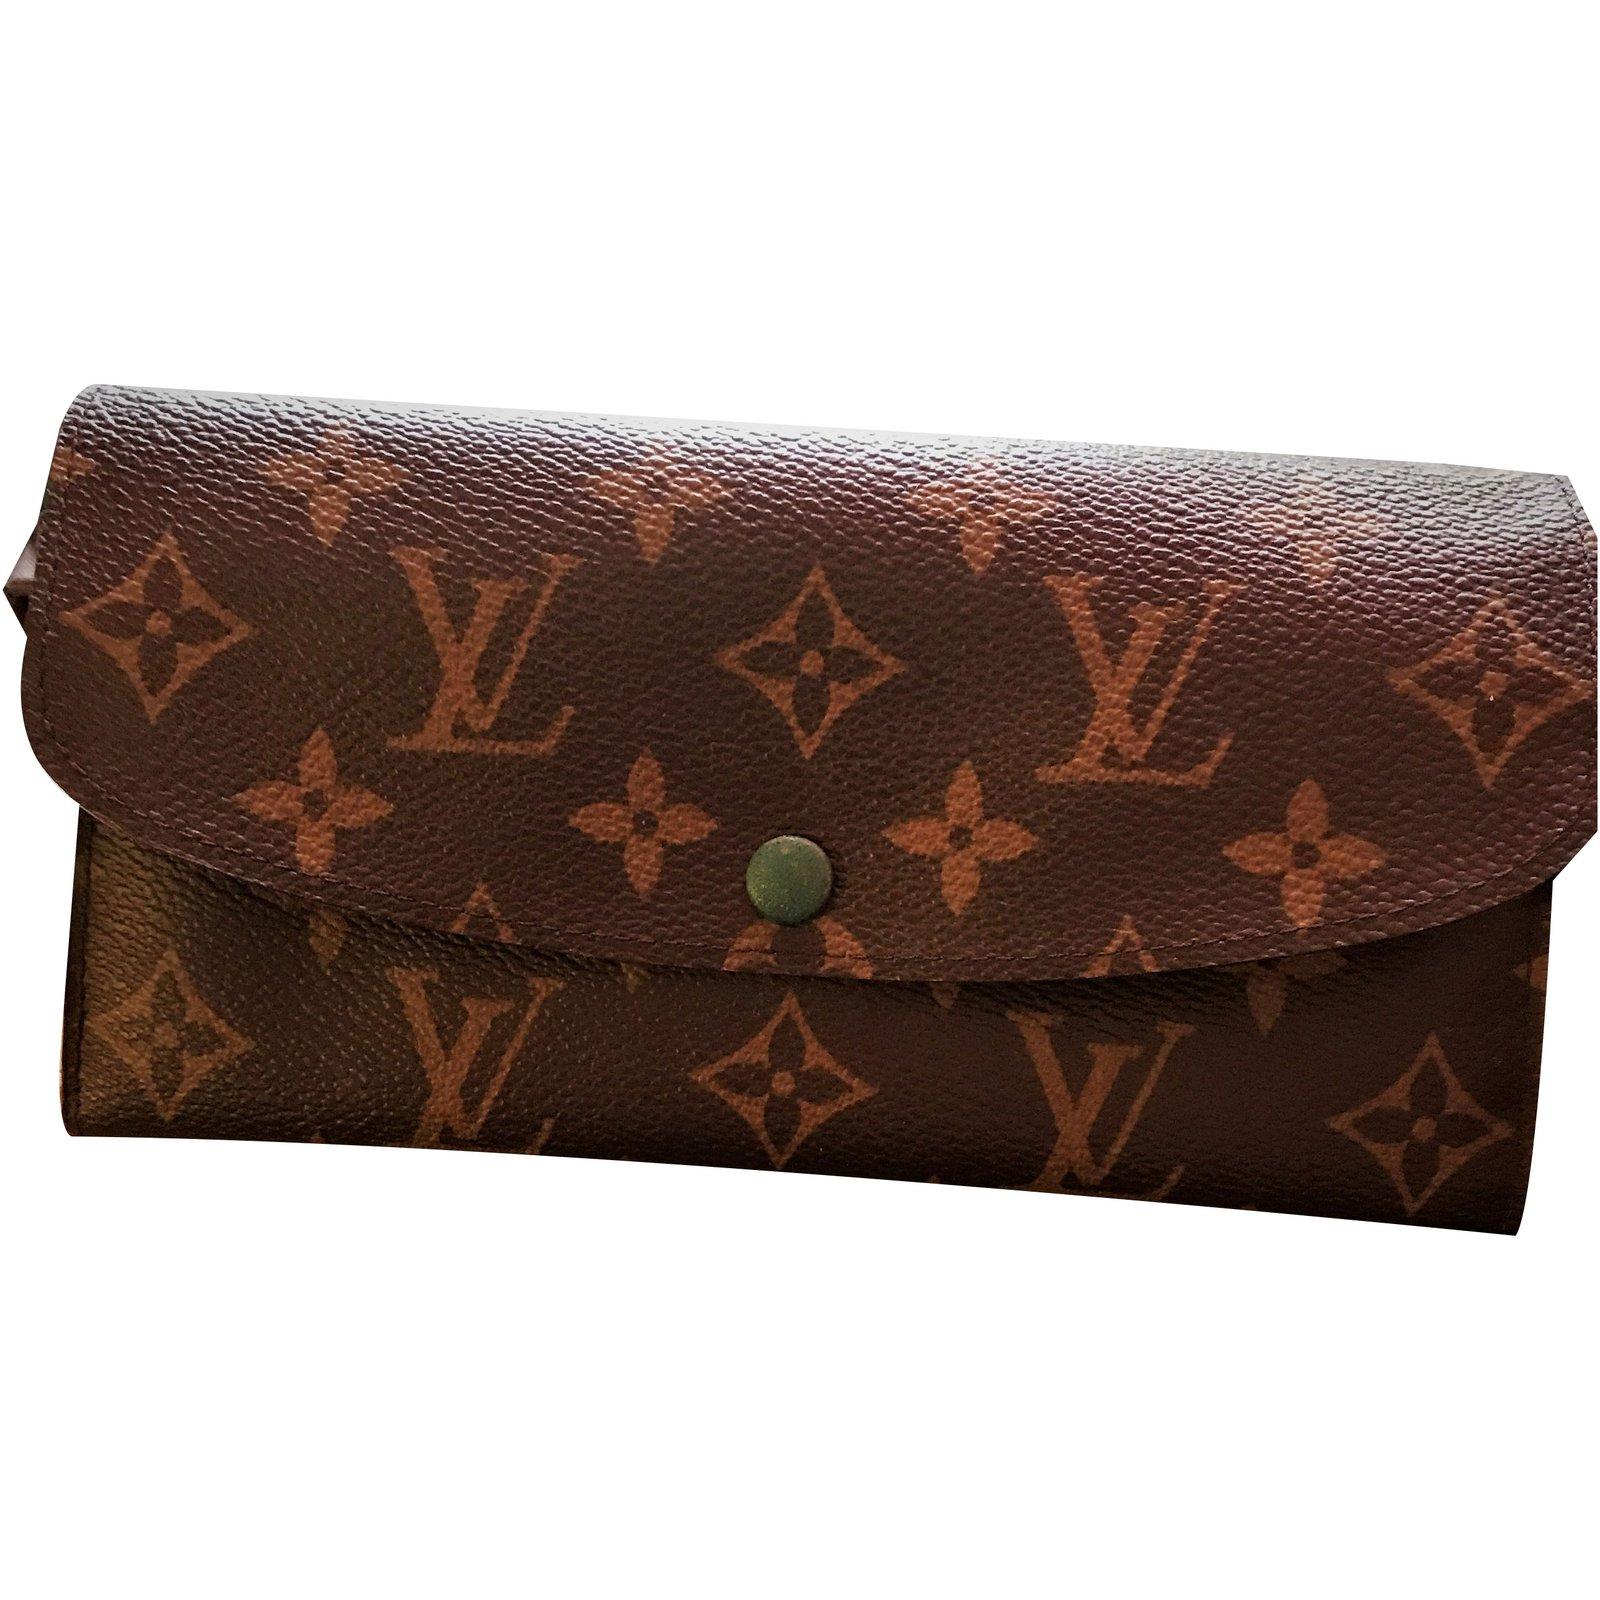 ee18c5a4bdb5 Louis Vuitton